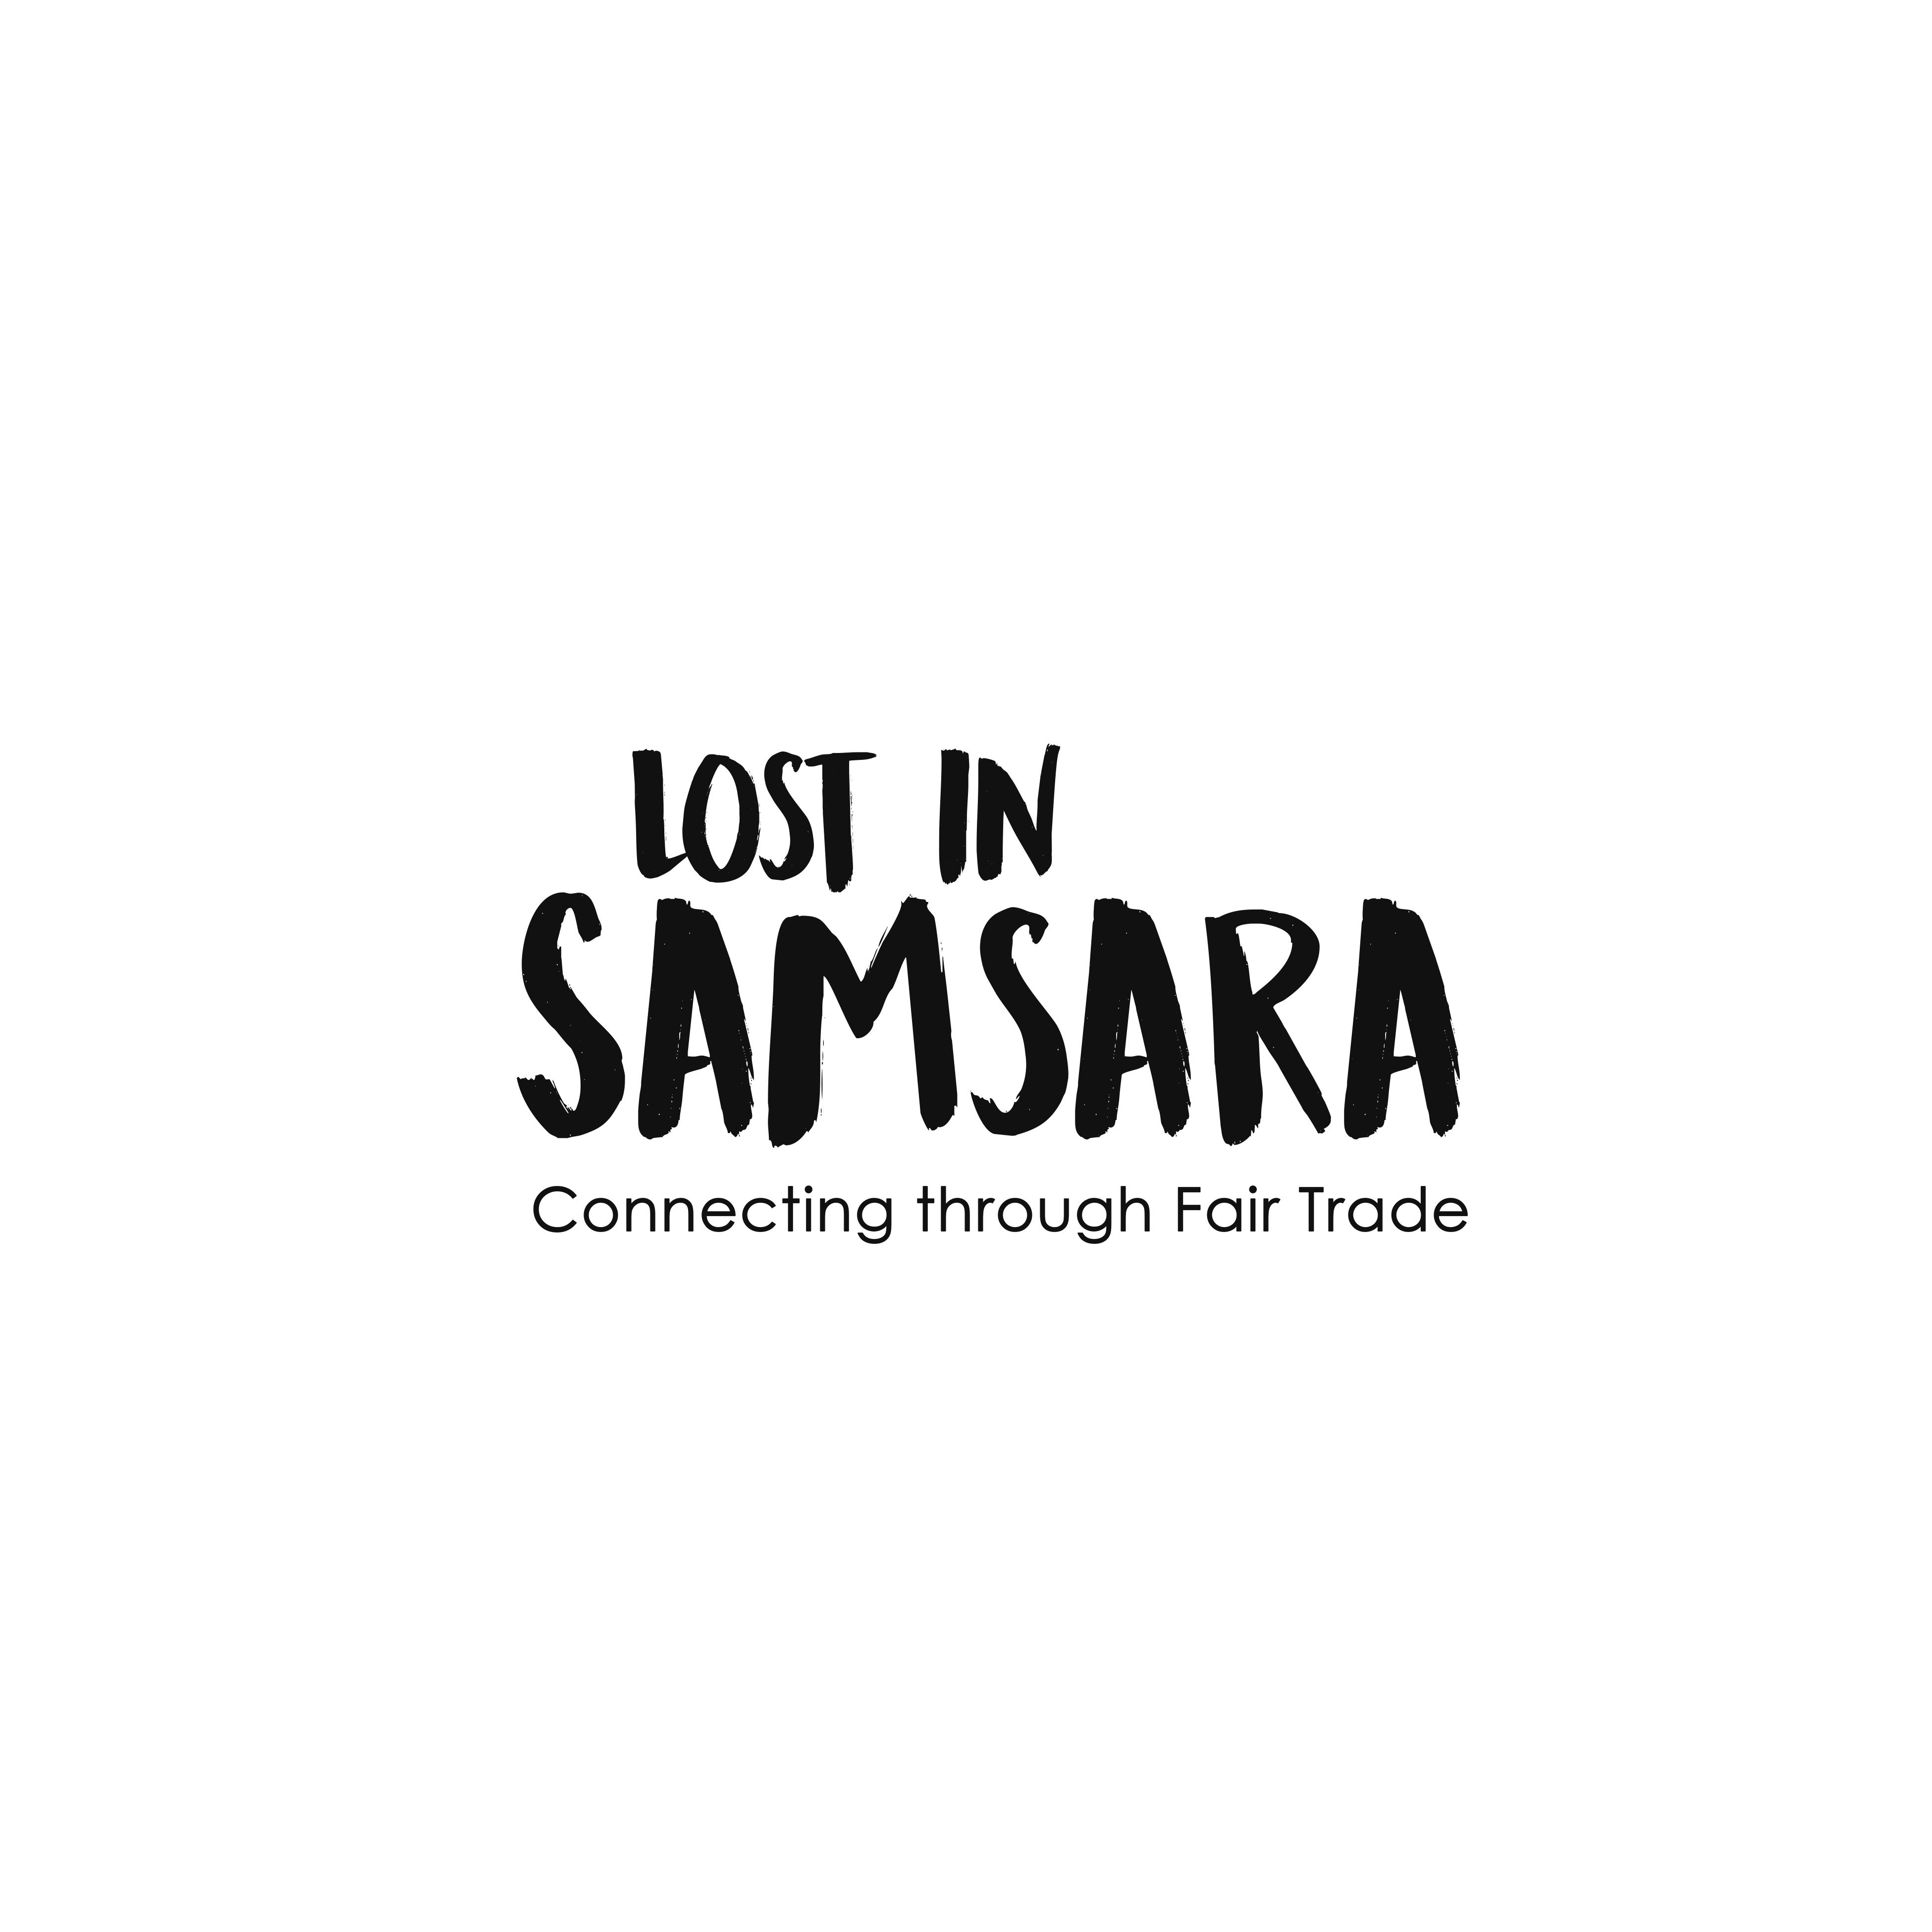 Lost in Samsara